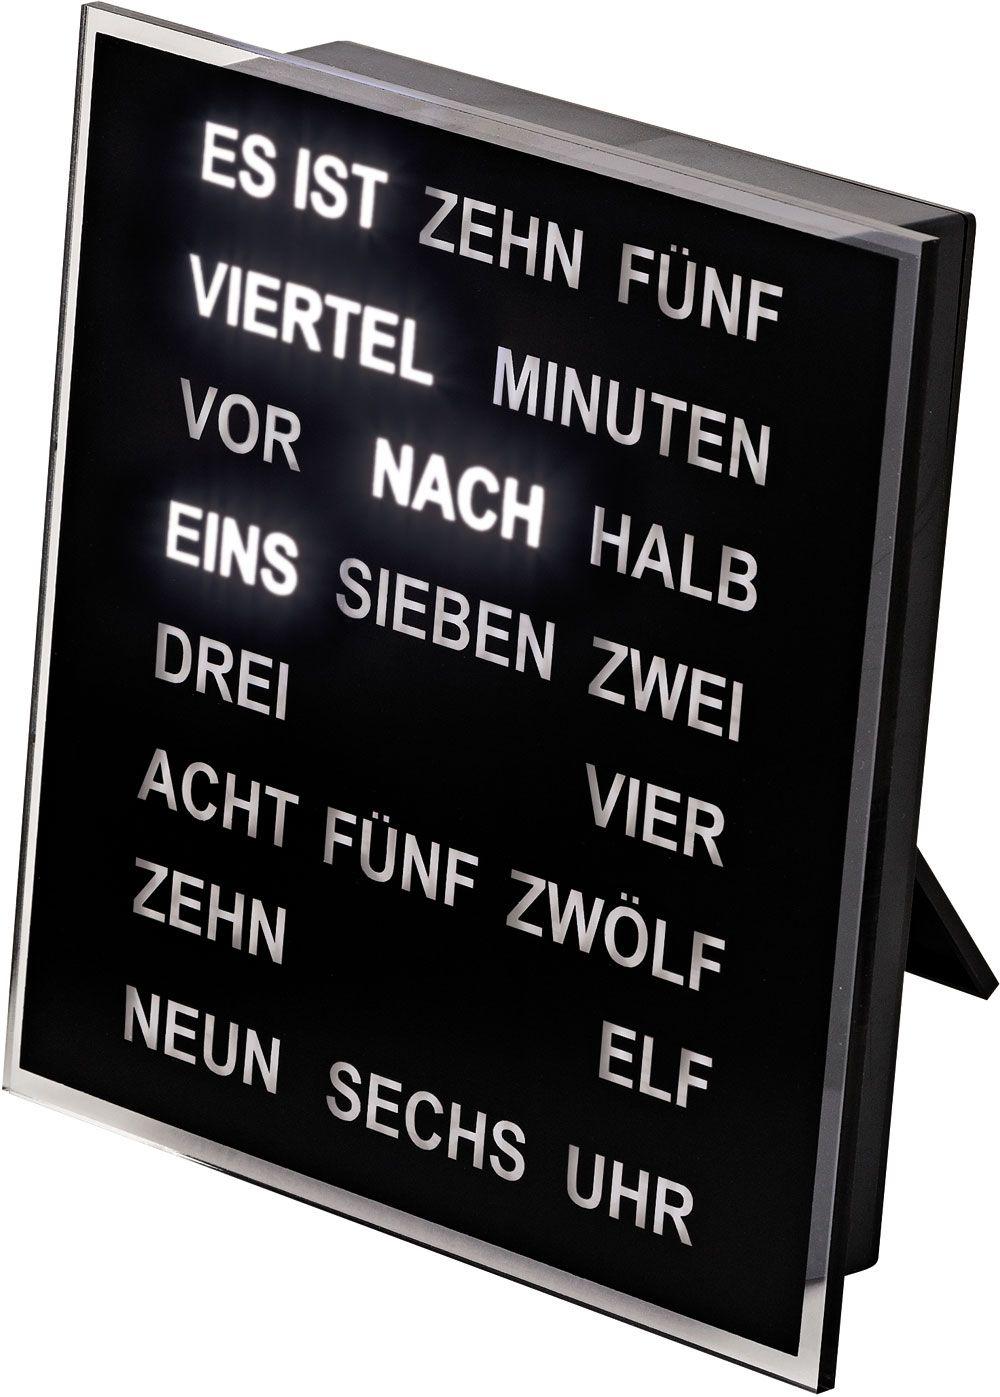 Quartzové stolní slovní hodiny, kovová základna, LED akrylový číselník, rozměr 20x20x4cm